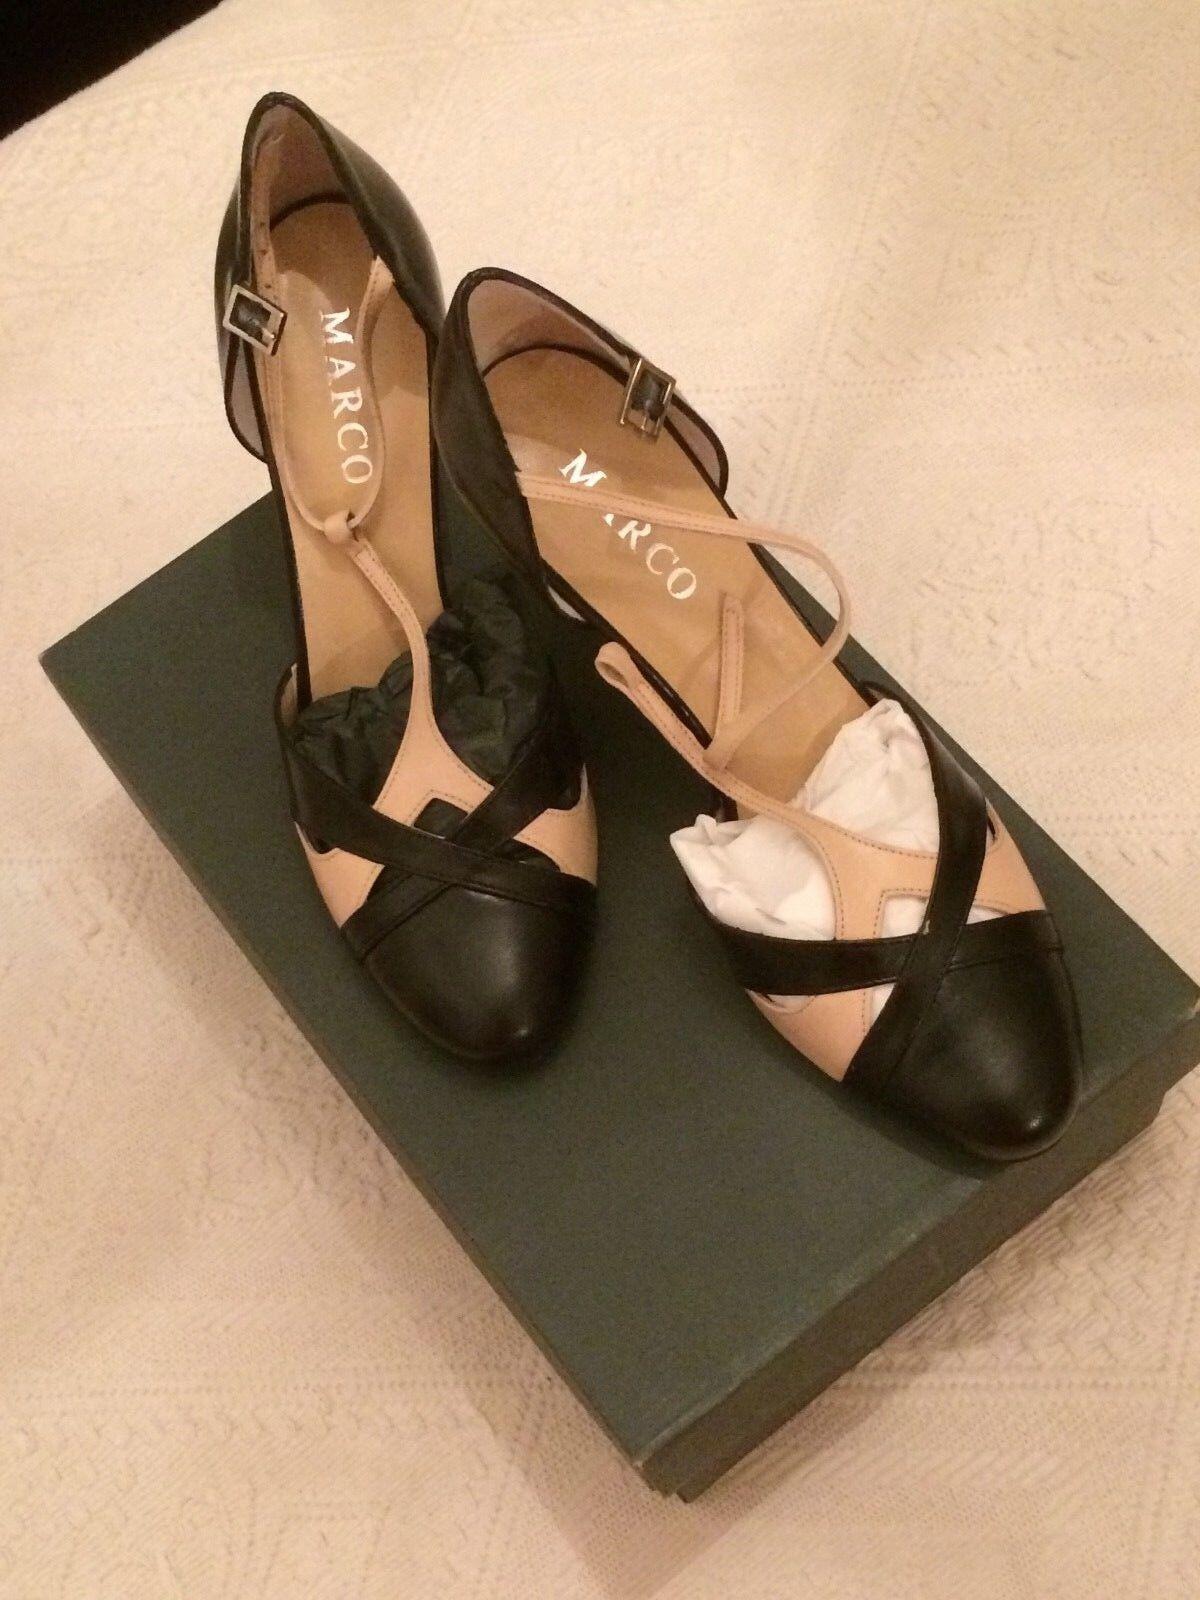 prezzo ragionevole Scarpa tacco donna  39 fashion nero e e e rosa balck & rosa moda eleganza  negozio online outlet